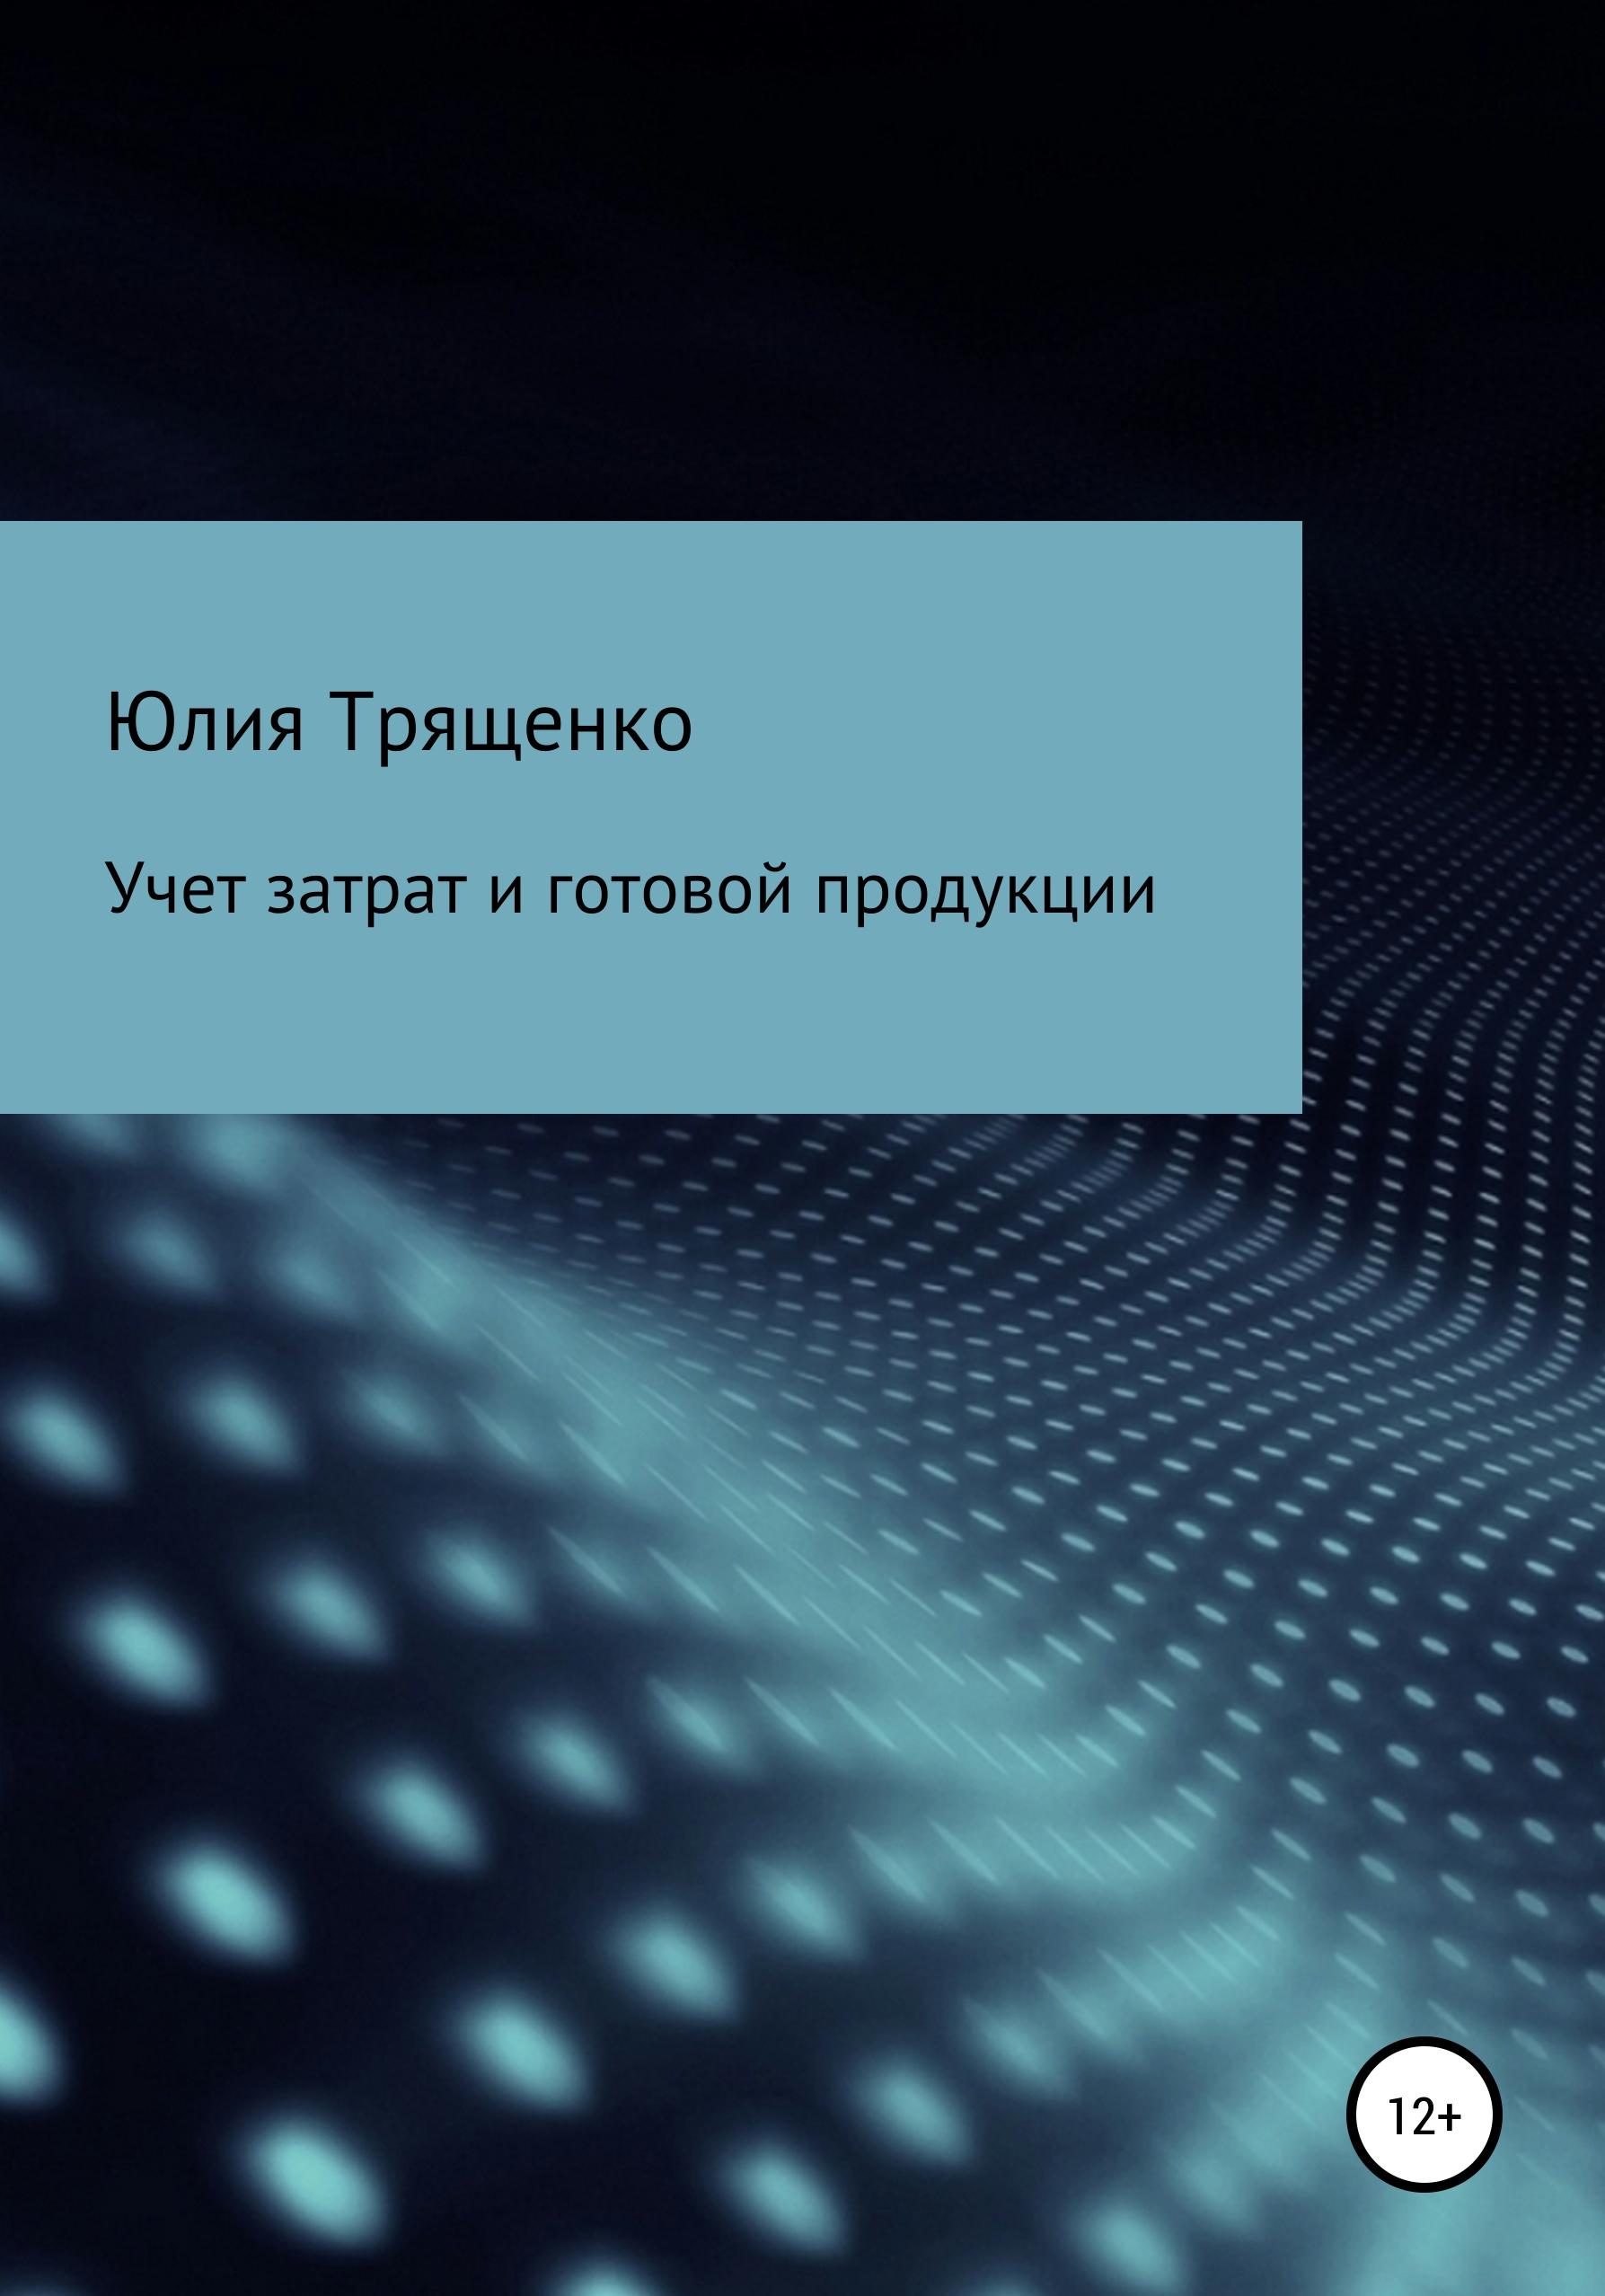 Юлия Трященко - Учет затрат и готовой продукции